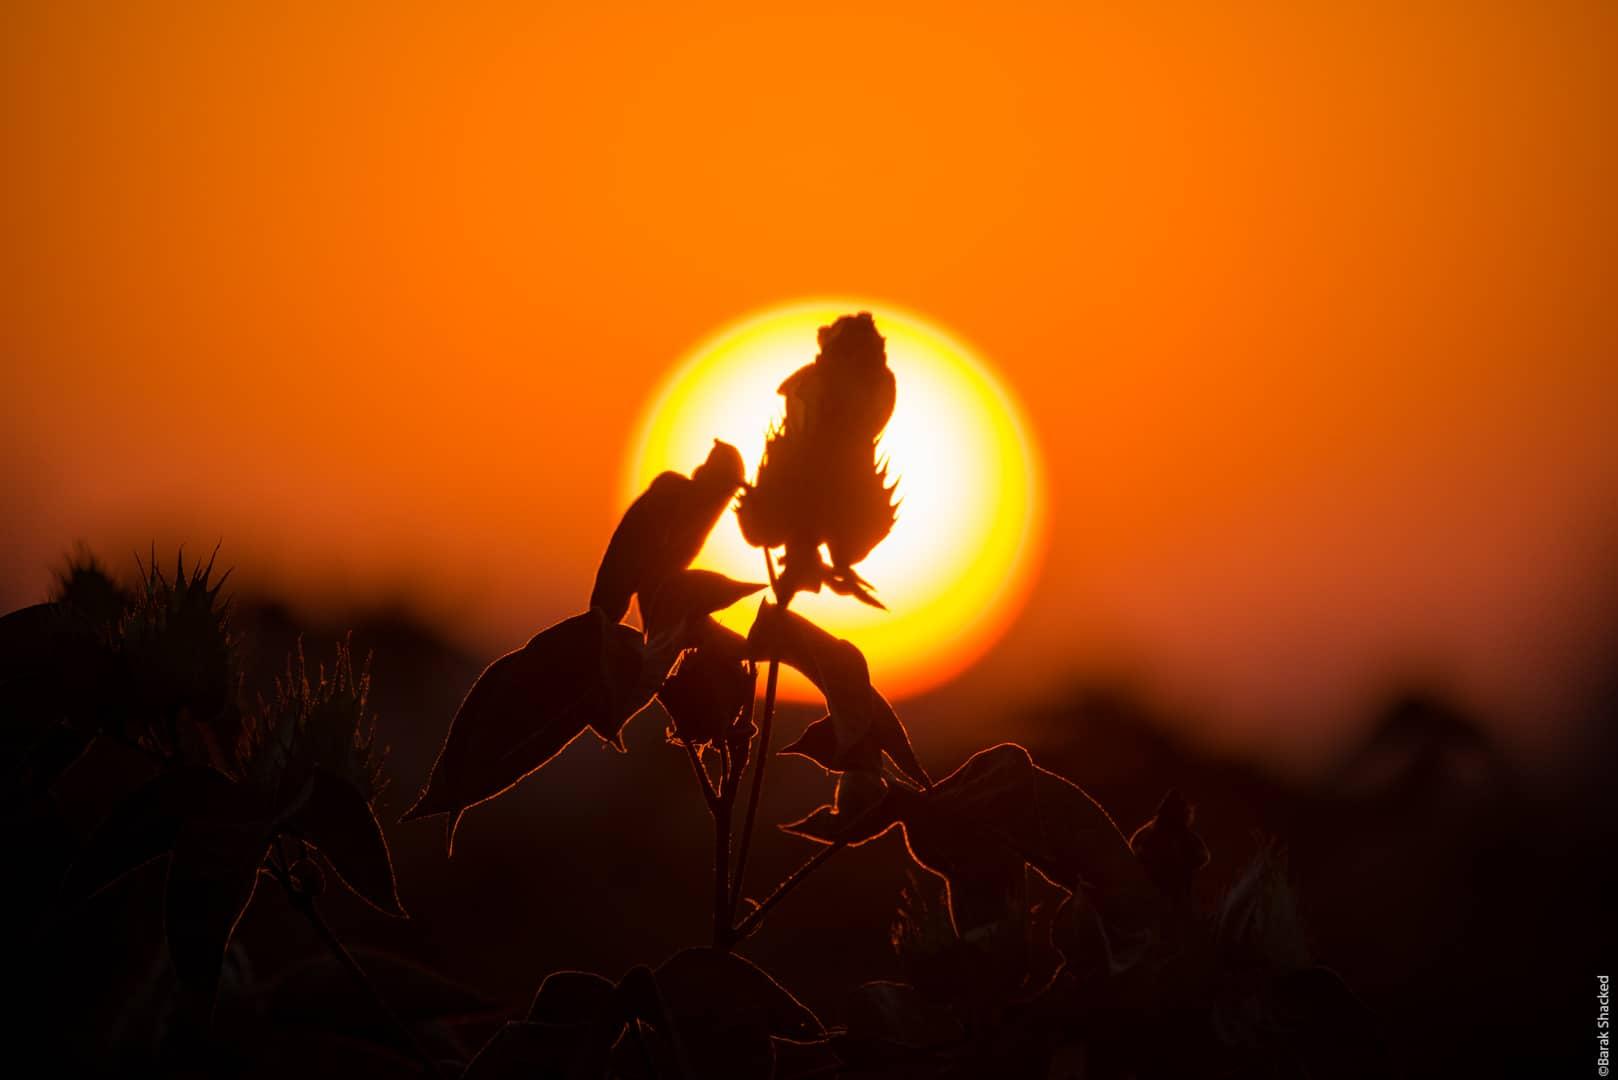 סילואט פרח כותנה בשקיעה